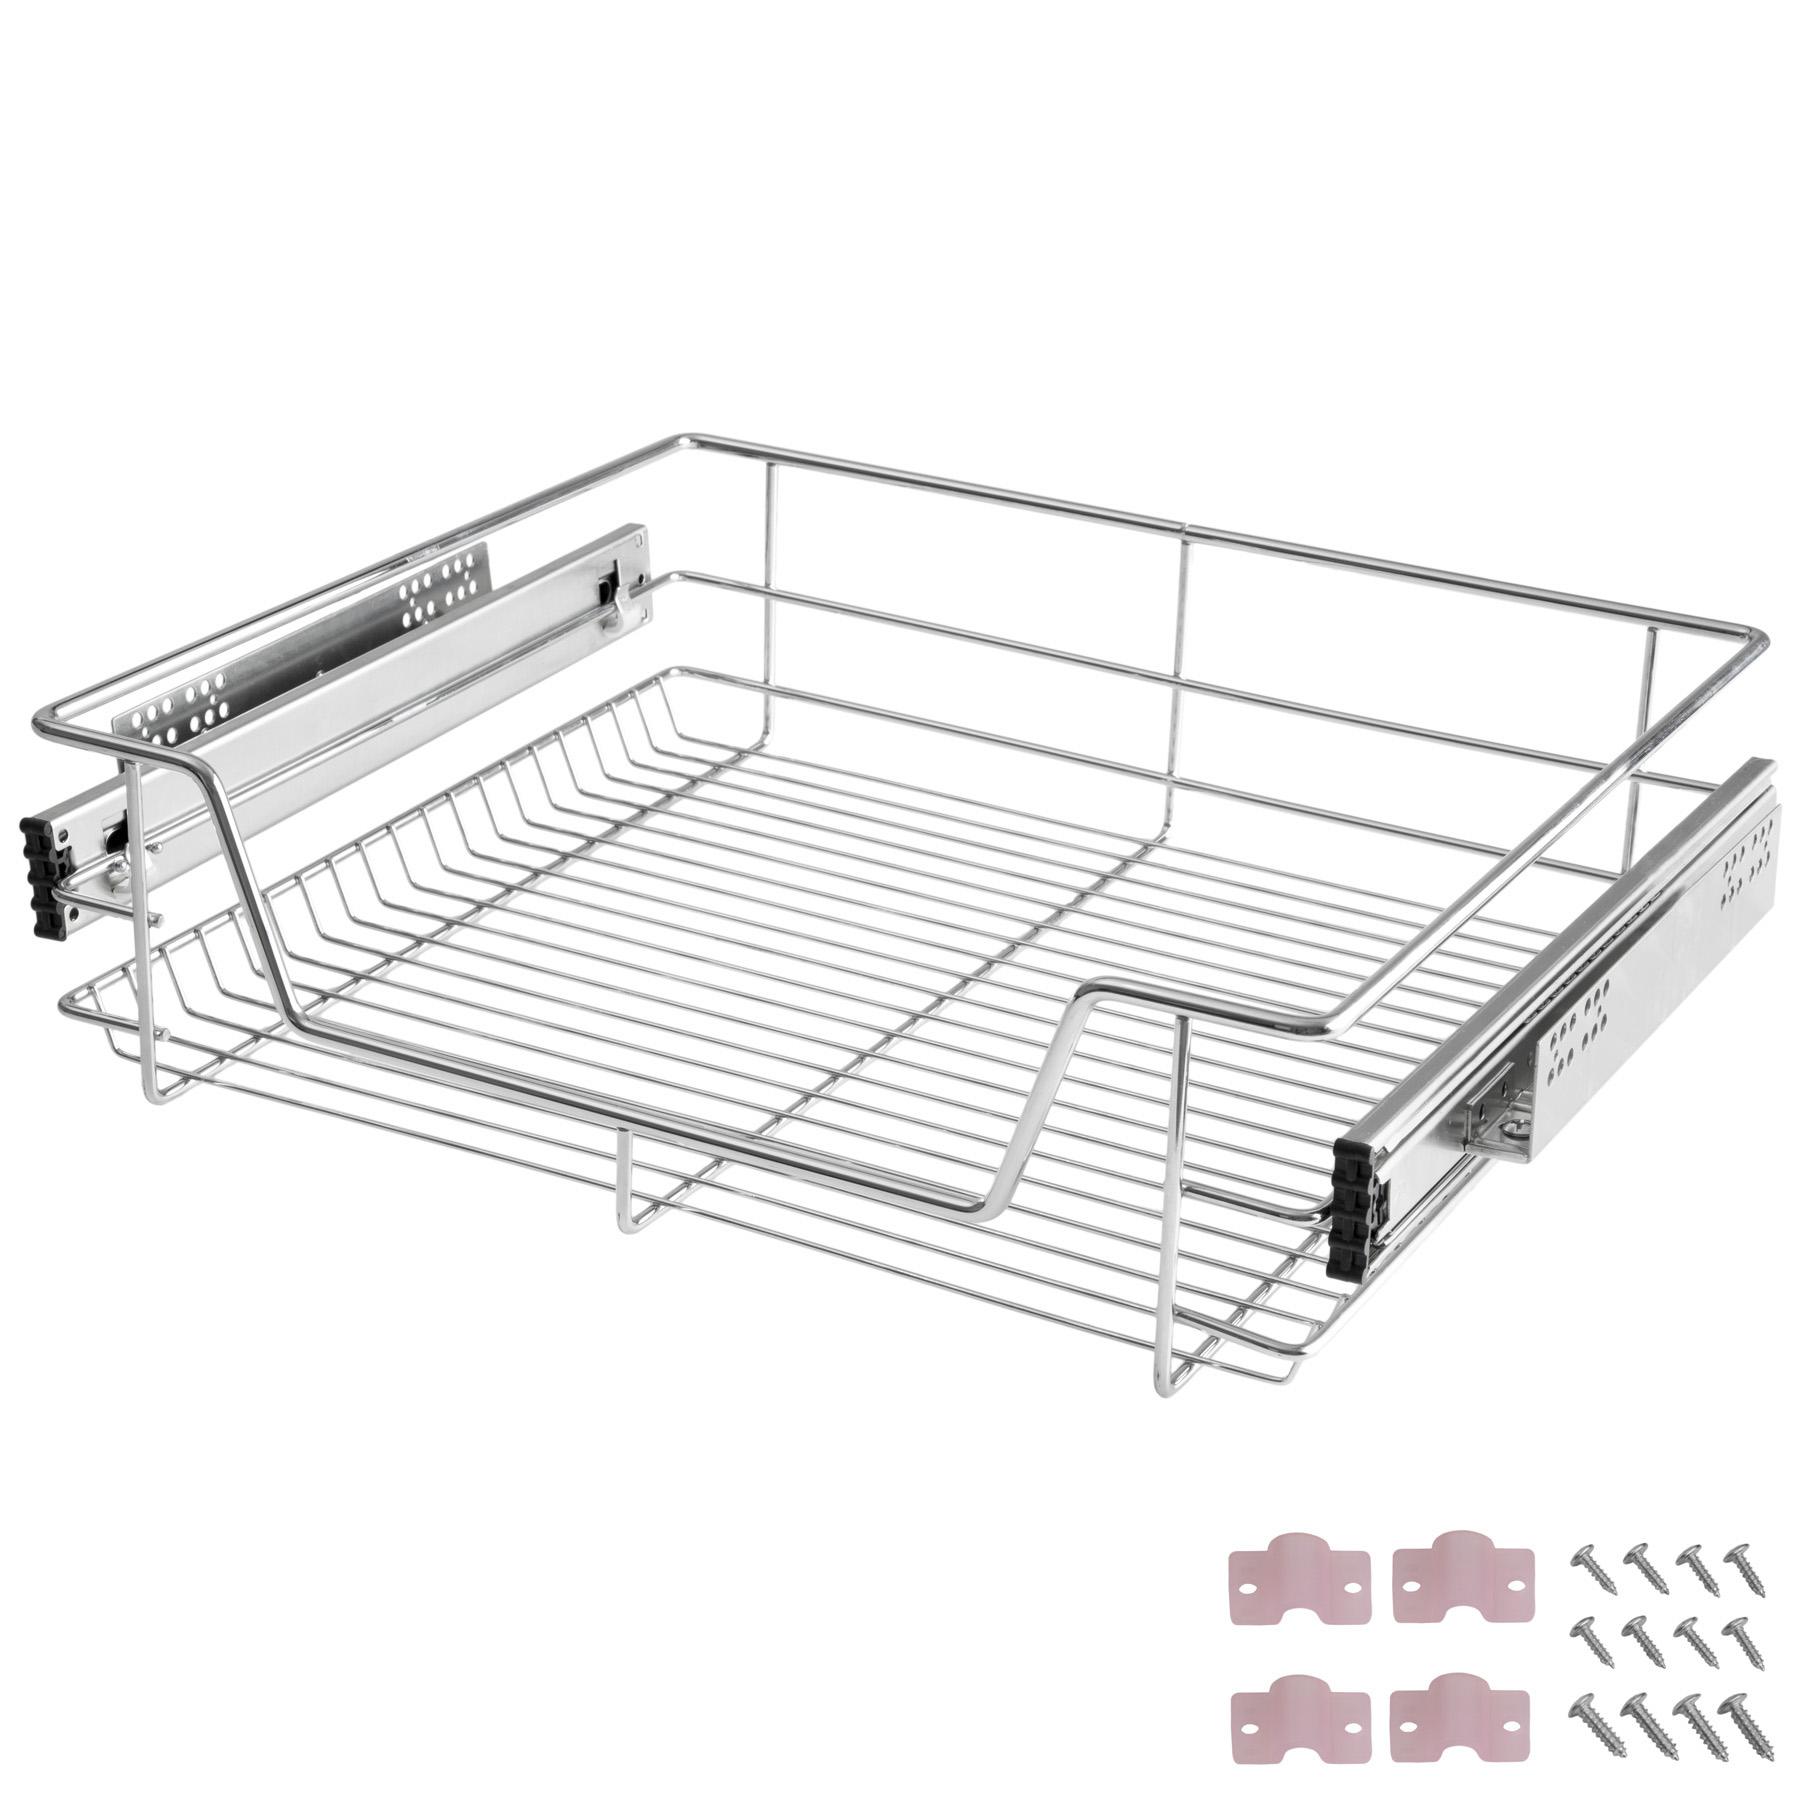 nouveau concept bd8a2 c7d08 Détails sur Panier de rangement coulissant cuisine meuble pour placard  étagère tiroir 60 cm